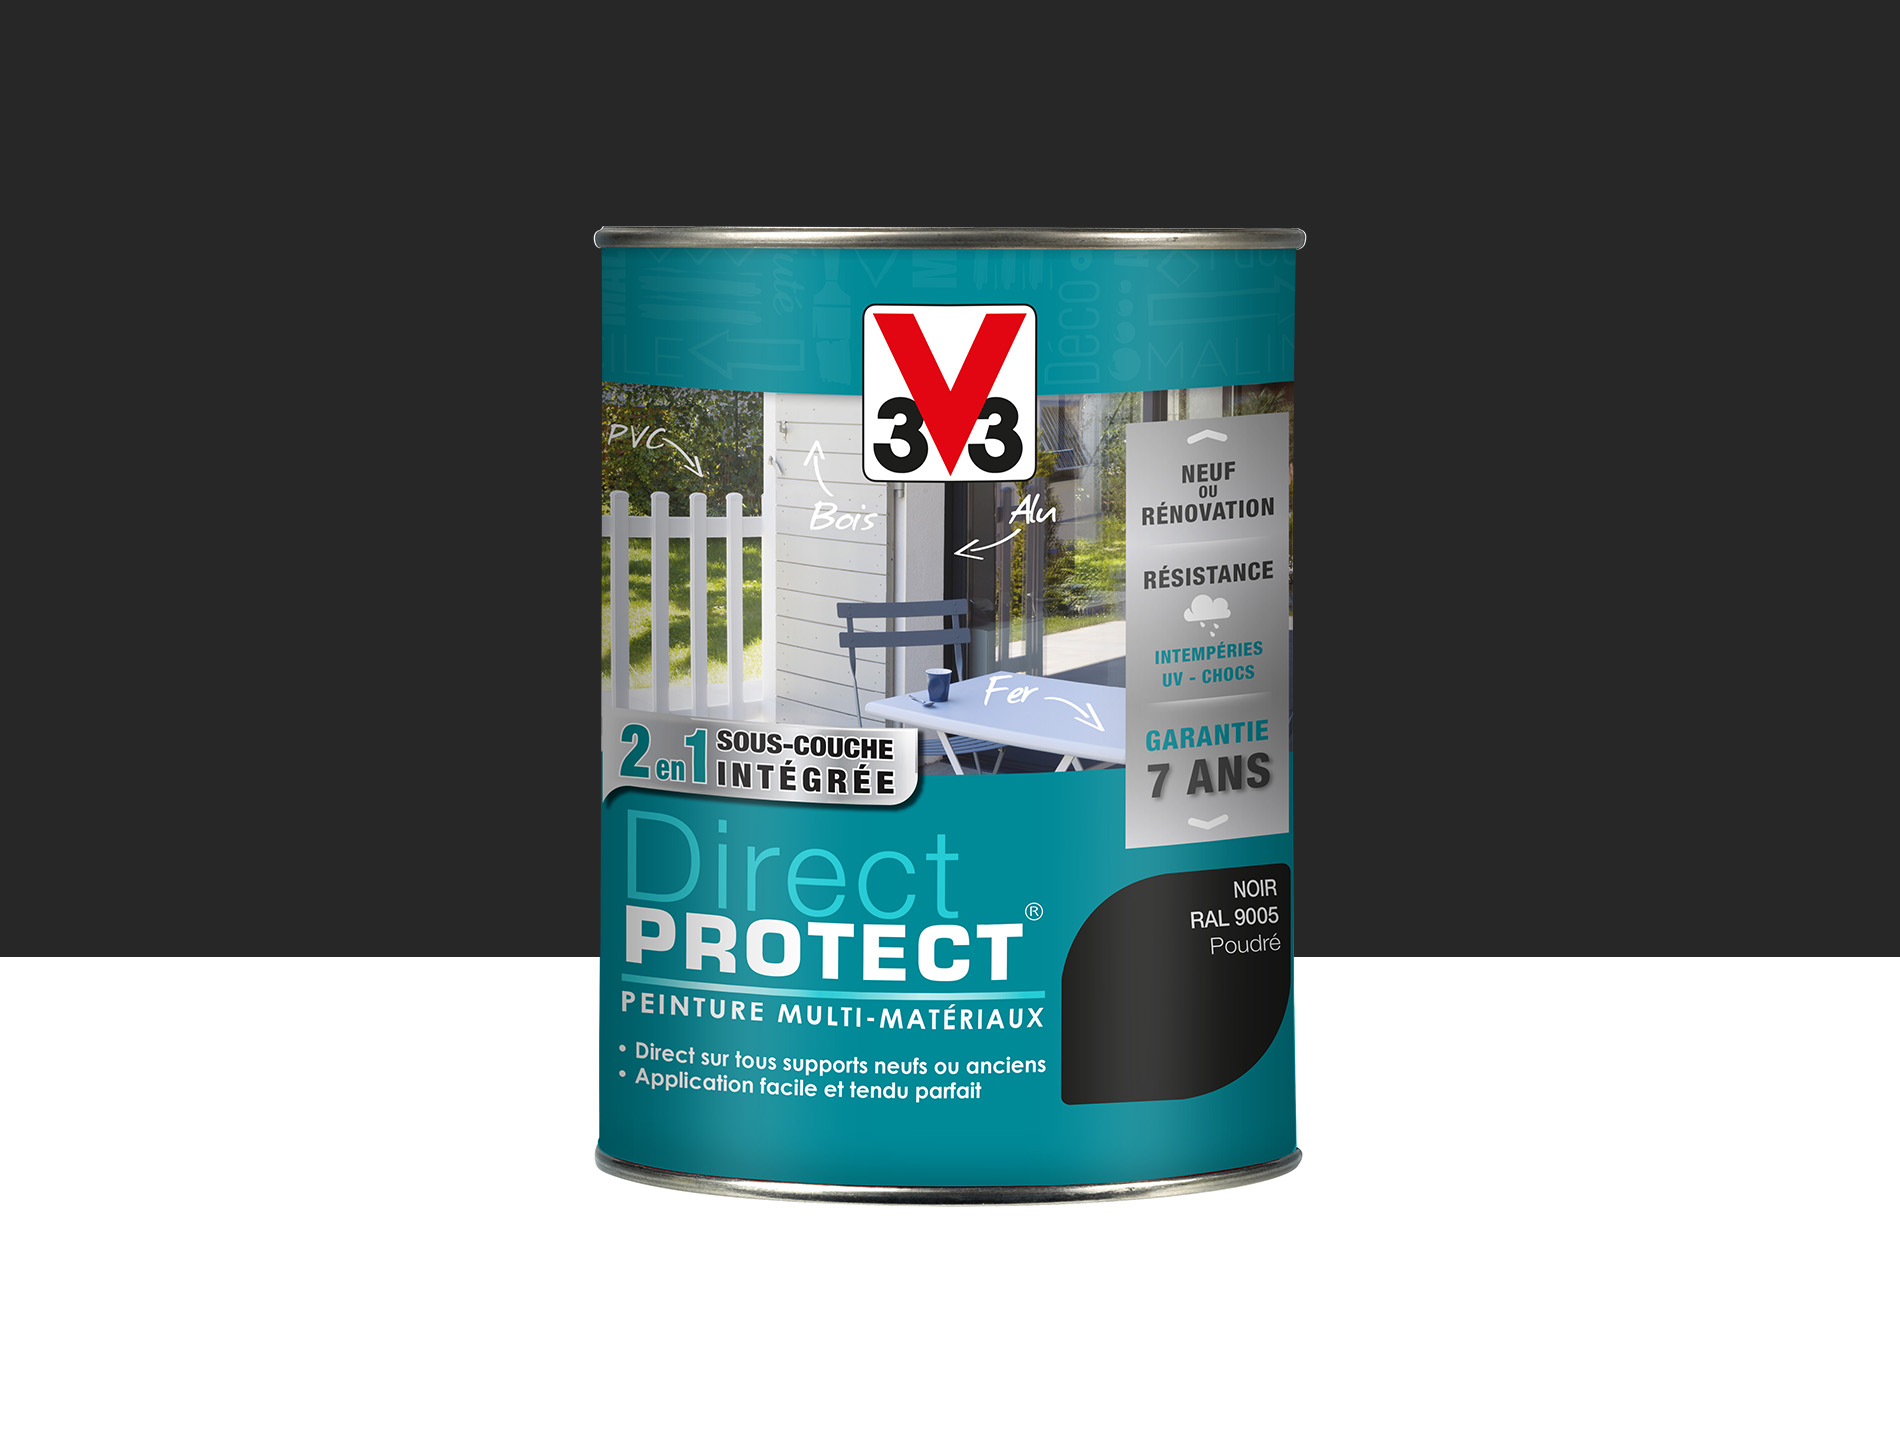 Peinture Direct Protect V33 Poudré Noir 15l